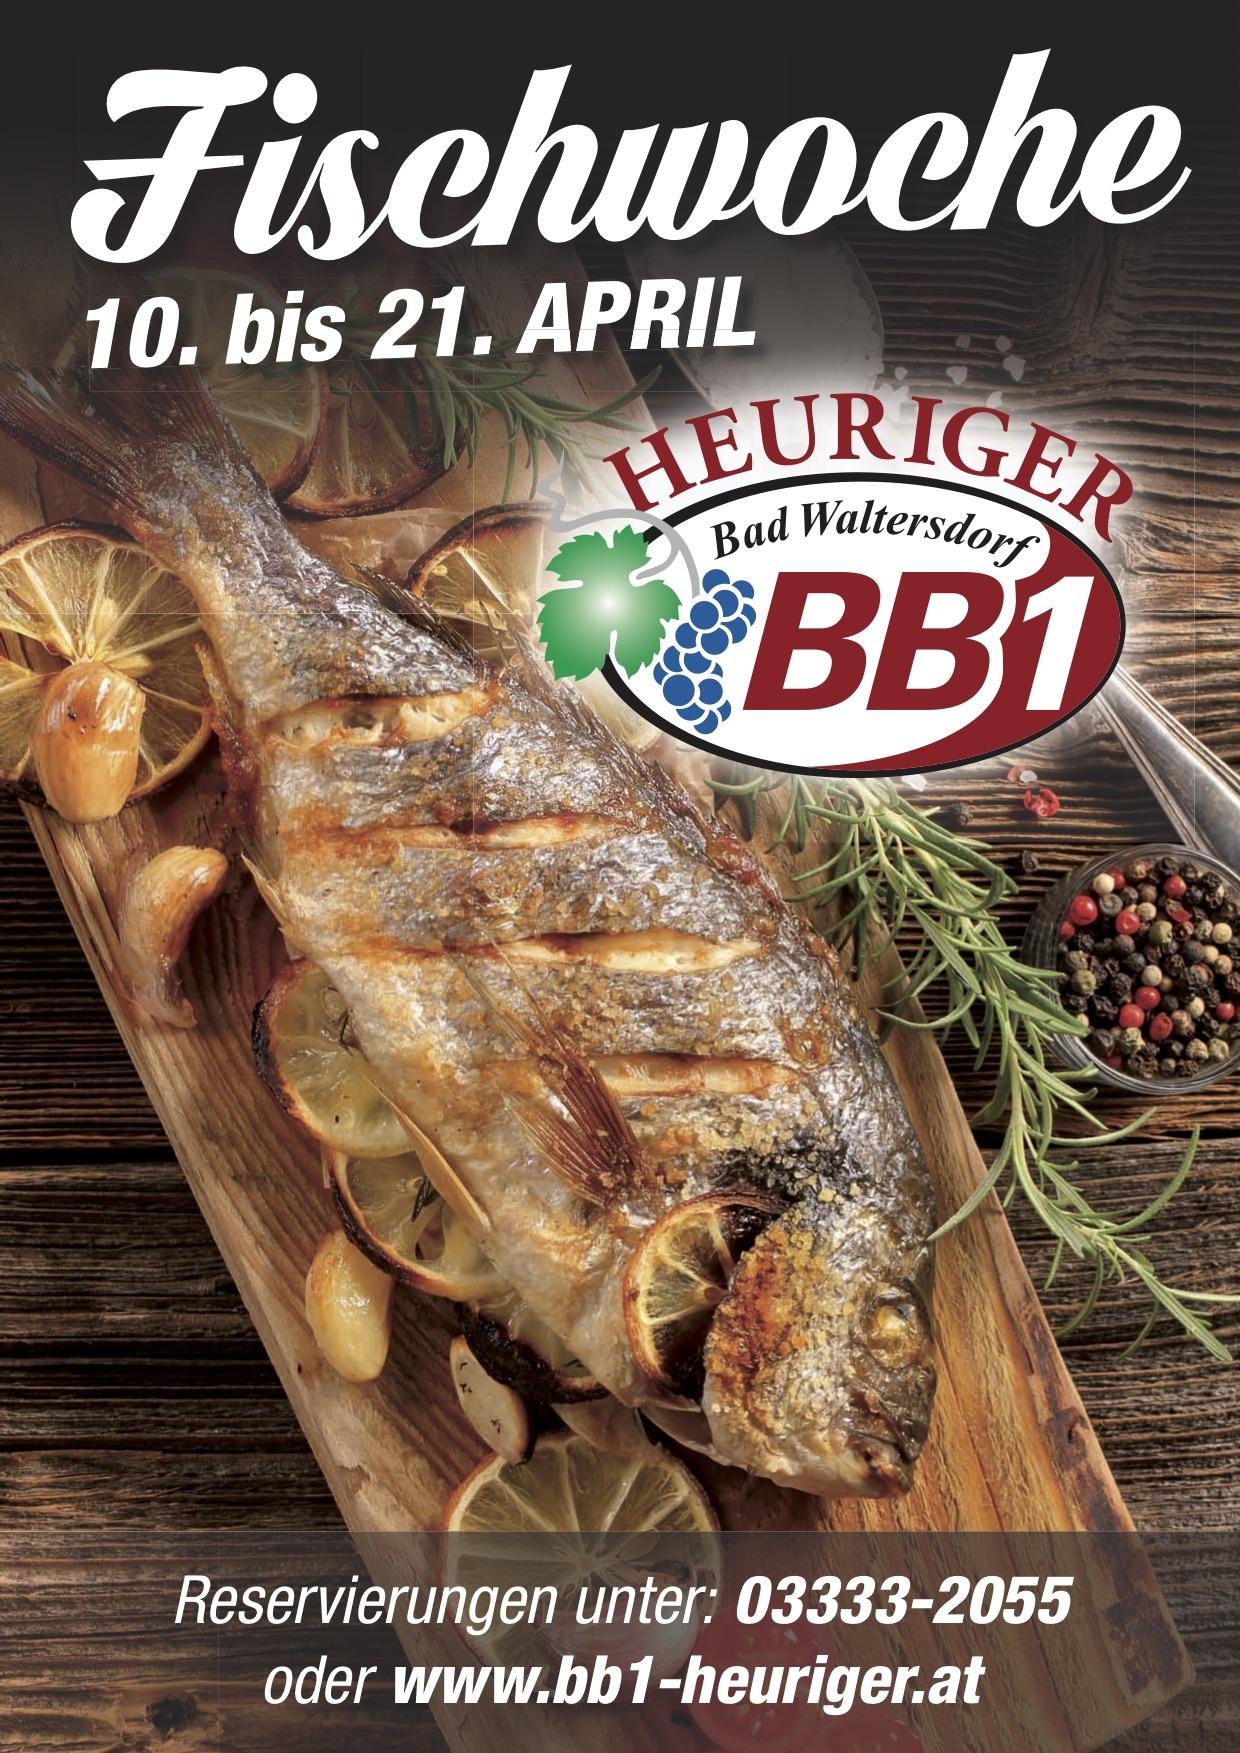 BB1 PLAKAT A4-A2 Fischwoche